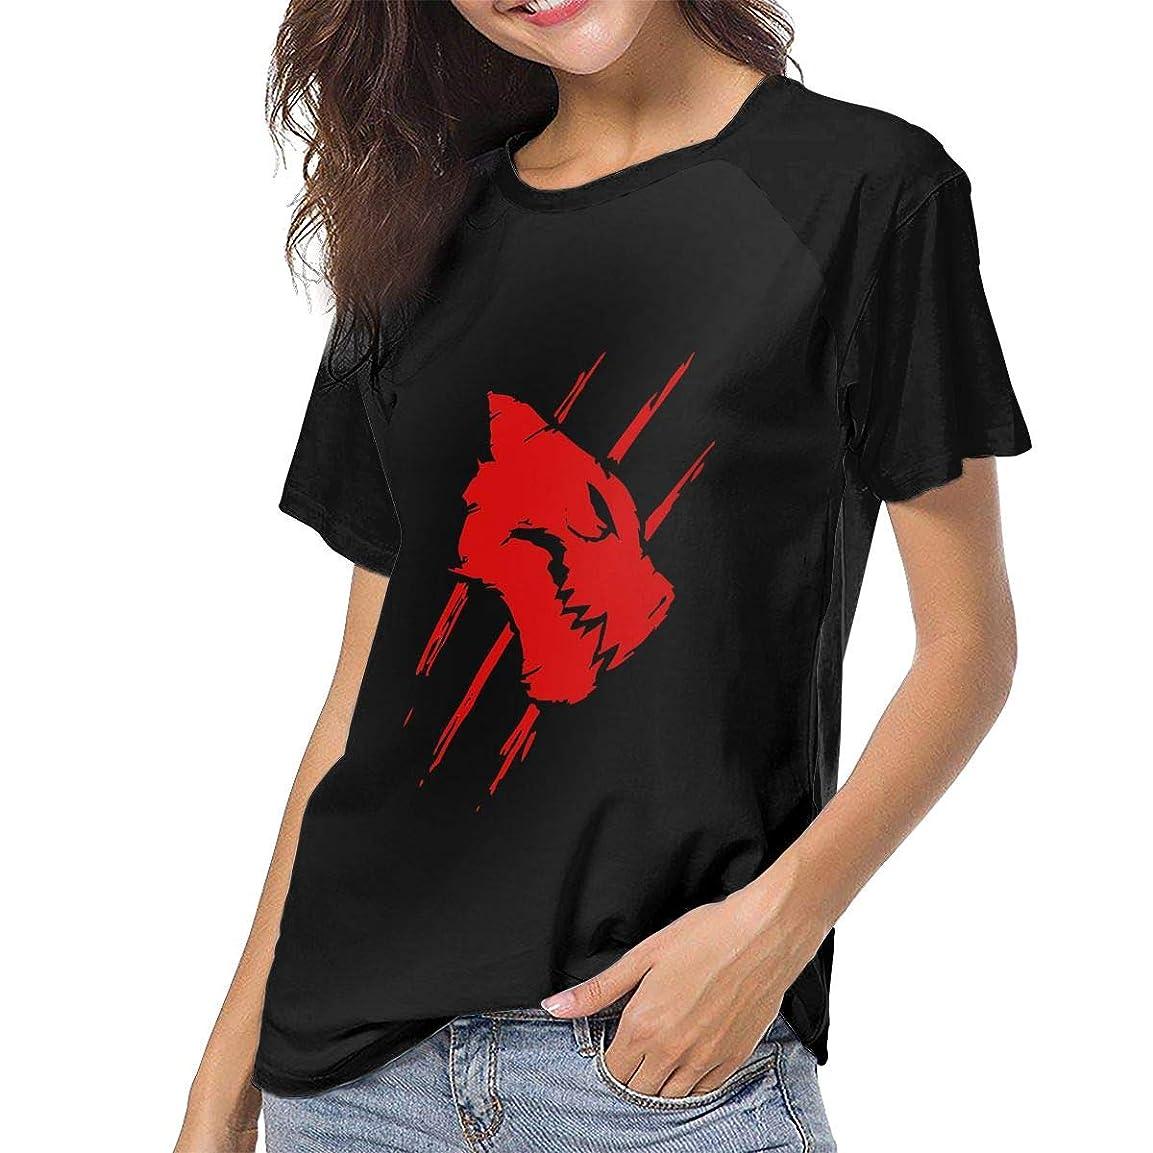 黒人グレートバリアリーフ凍ったRWBY 4 Tシャツ さん 半袖 カットソー 丸首 無地 ゆったり 大きいサイズ カジュアル プリント シャツ